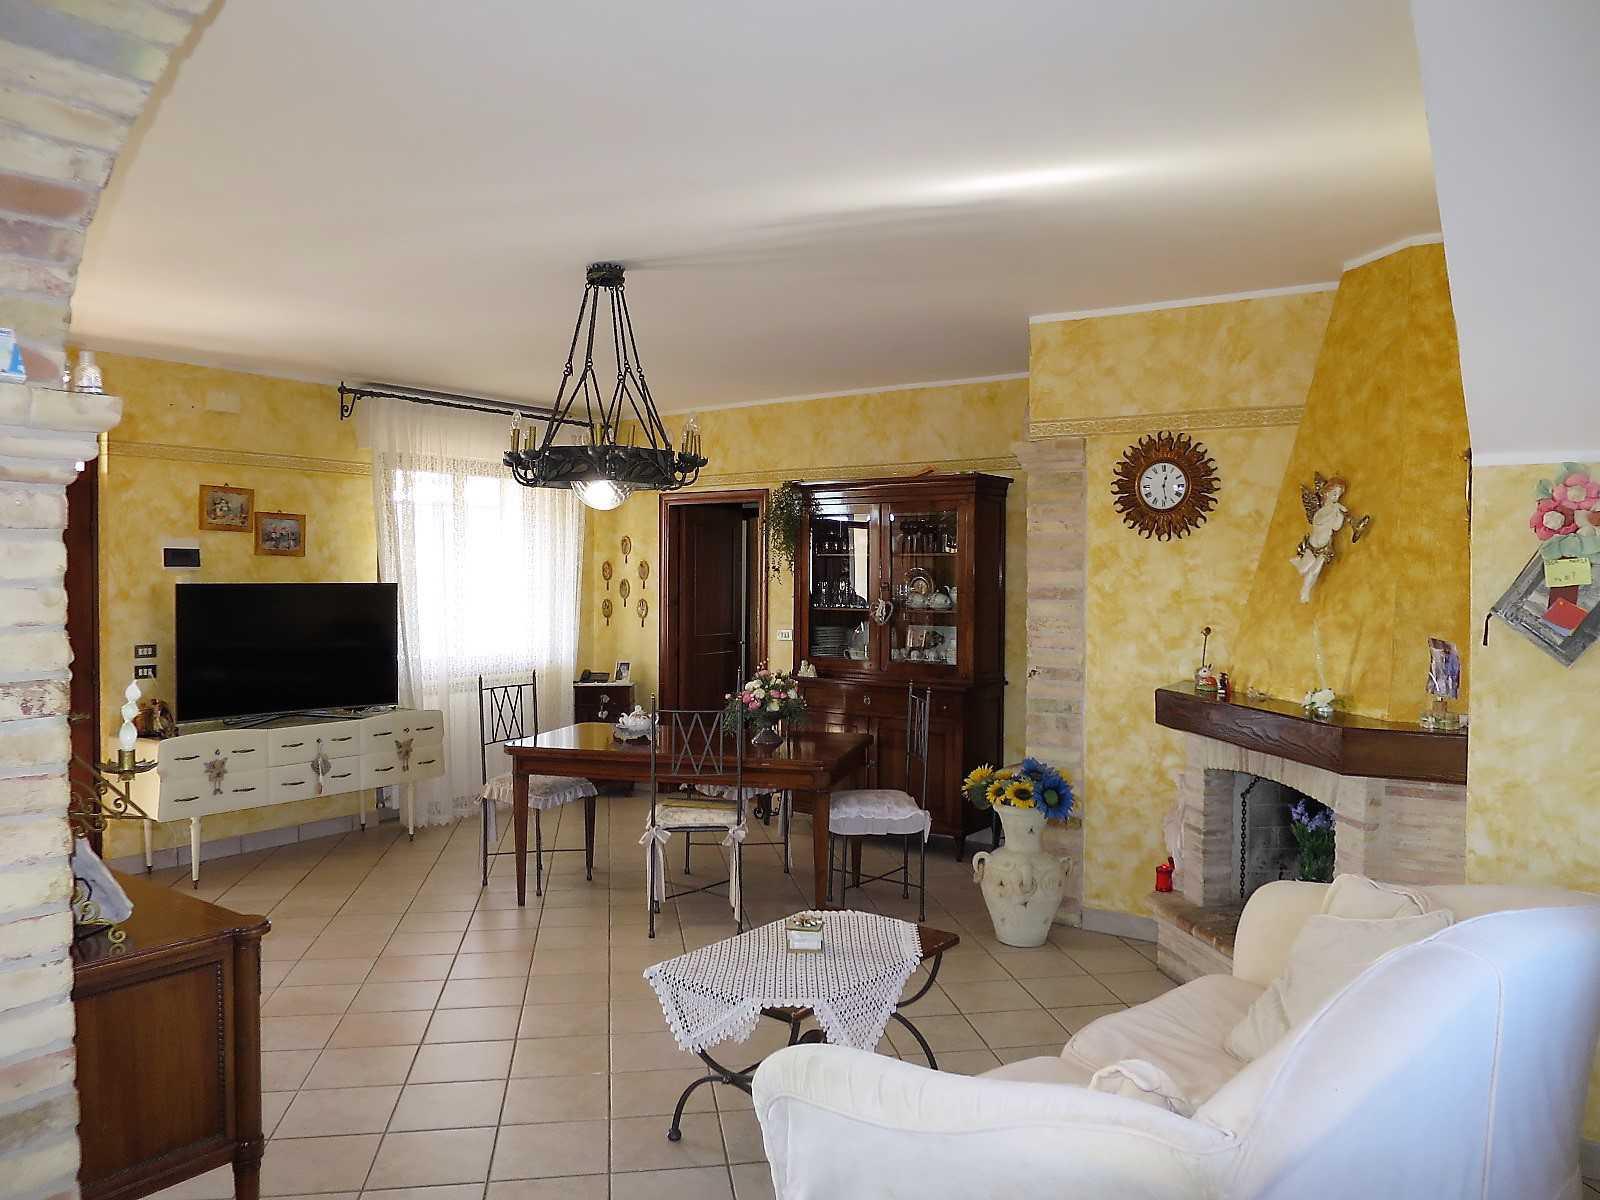 Villa Villa in vendita Notaresco (TE), Villa Vigneto - Notaresco - EUR 382.044 350